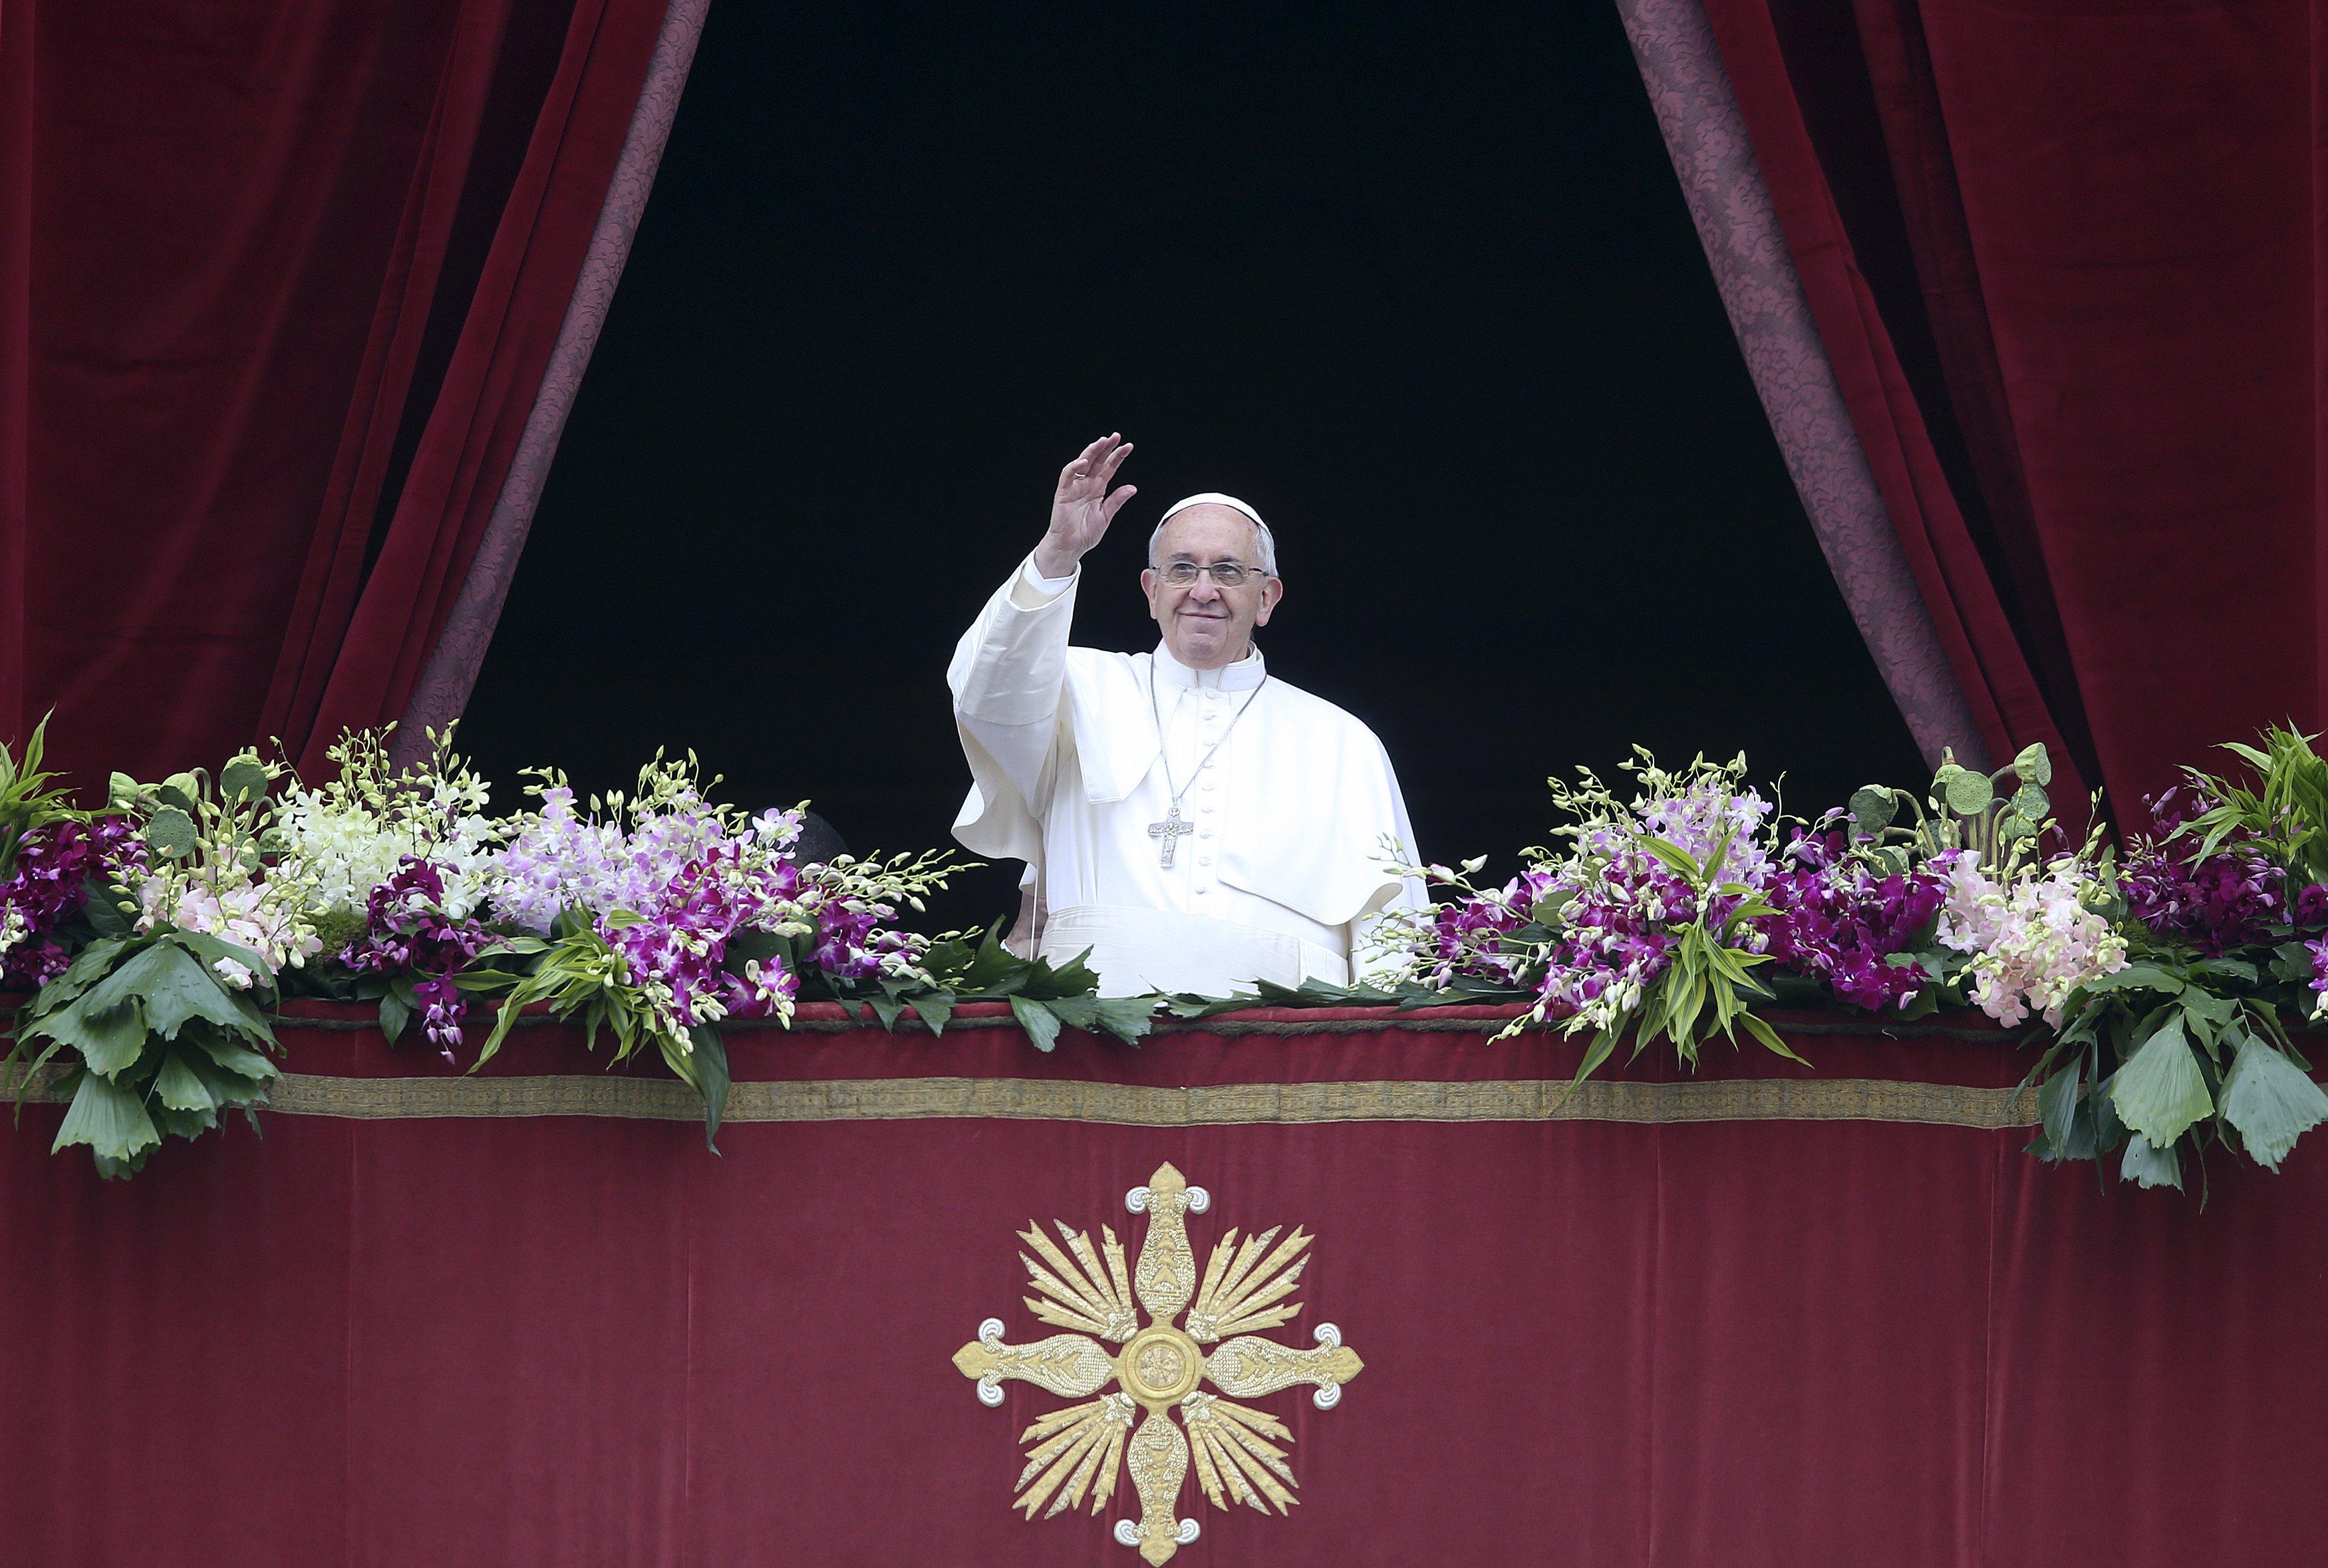 Συνάντηση με θύματα σεξουαλικής κακοποίησης από ιερείς θα  έχει ο πάπας Φραγκίσκος στην Ιρλανδία | tovima.gr